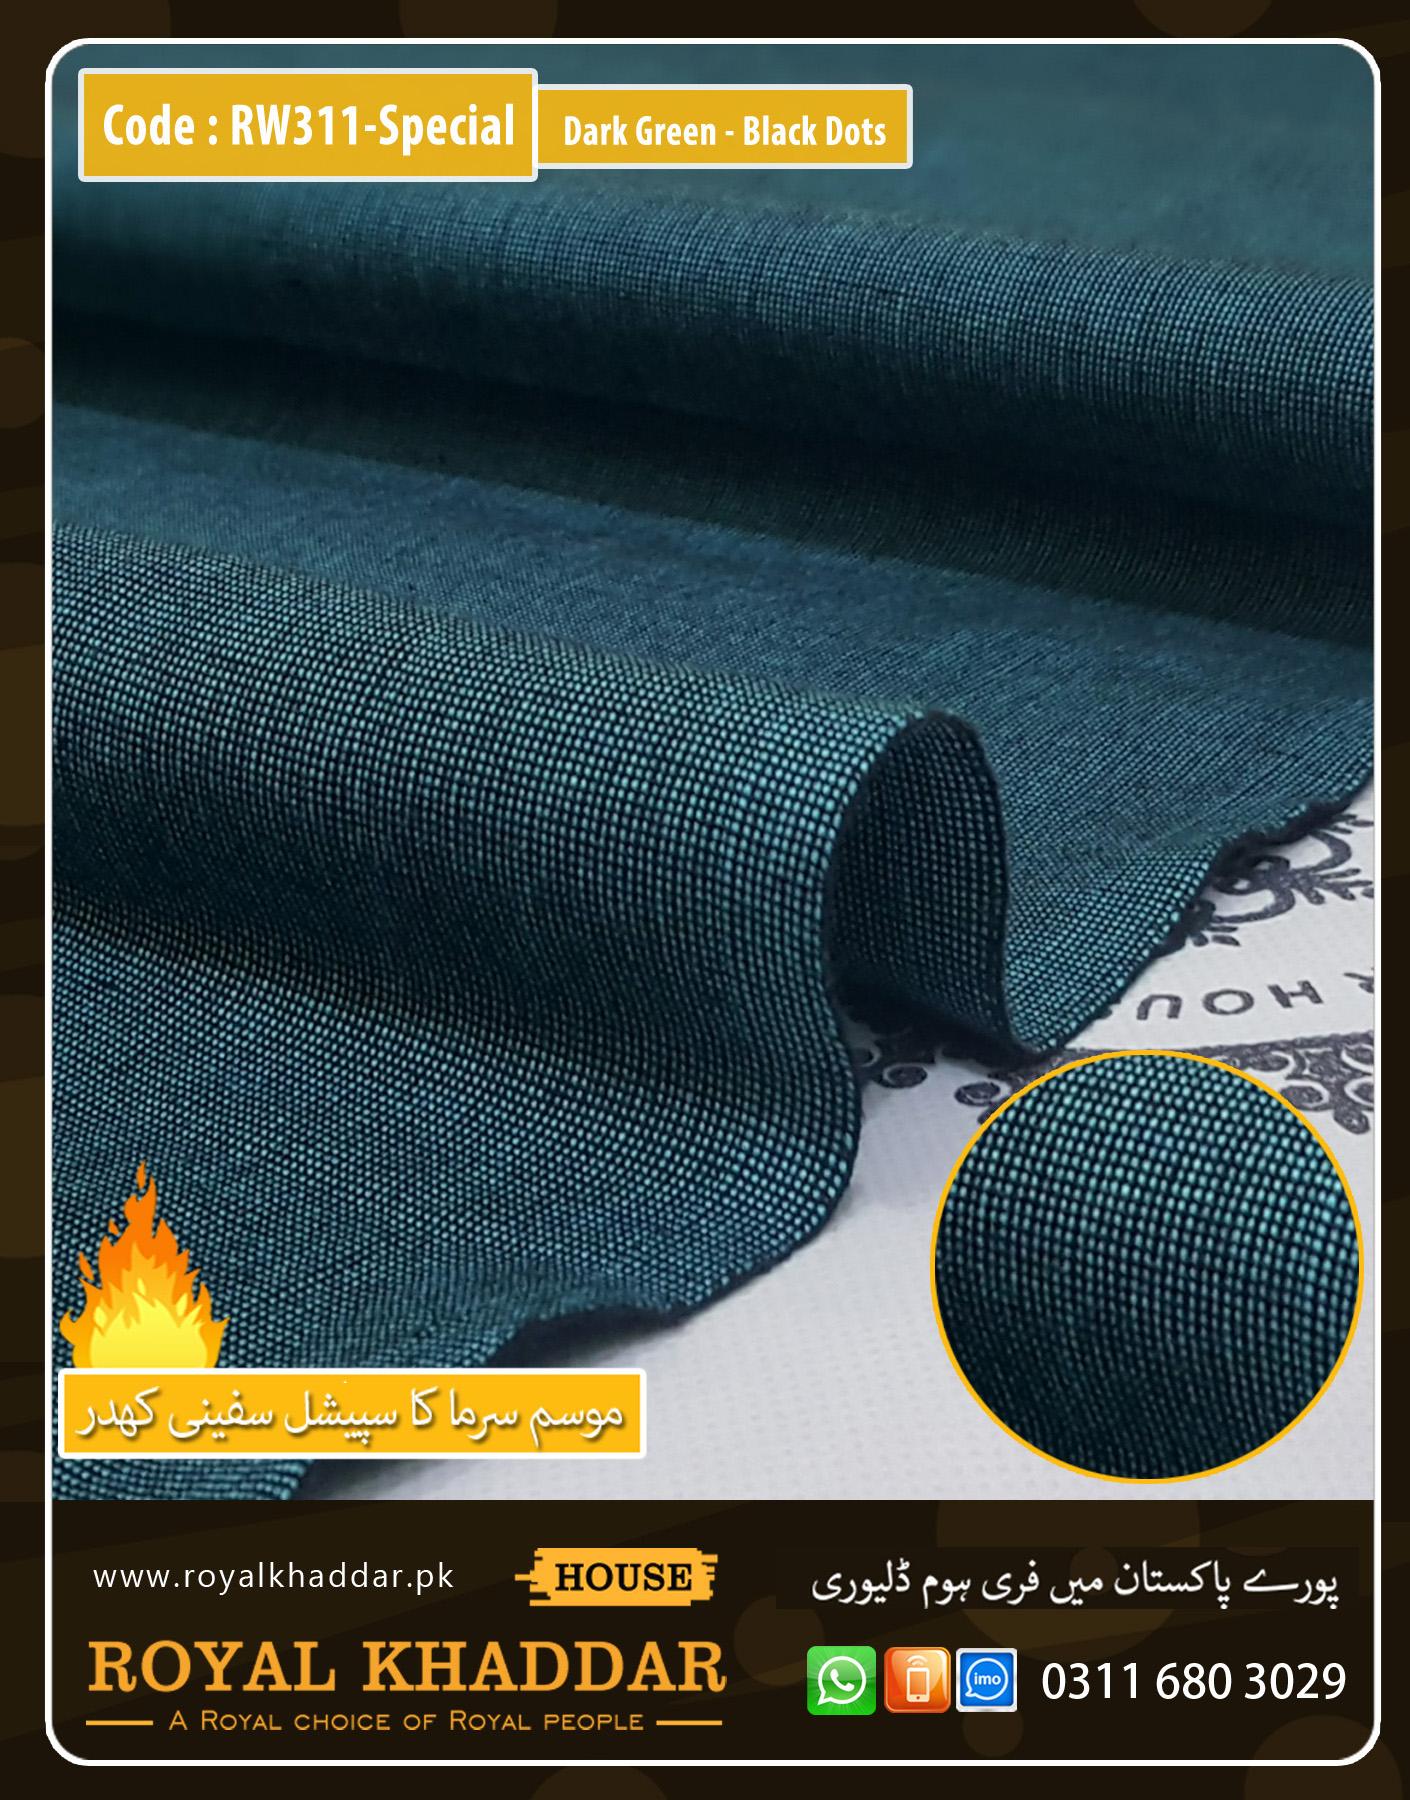 Dark Green - Black Dots Special Safini Khaddar